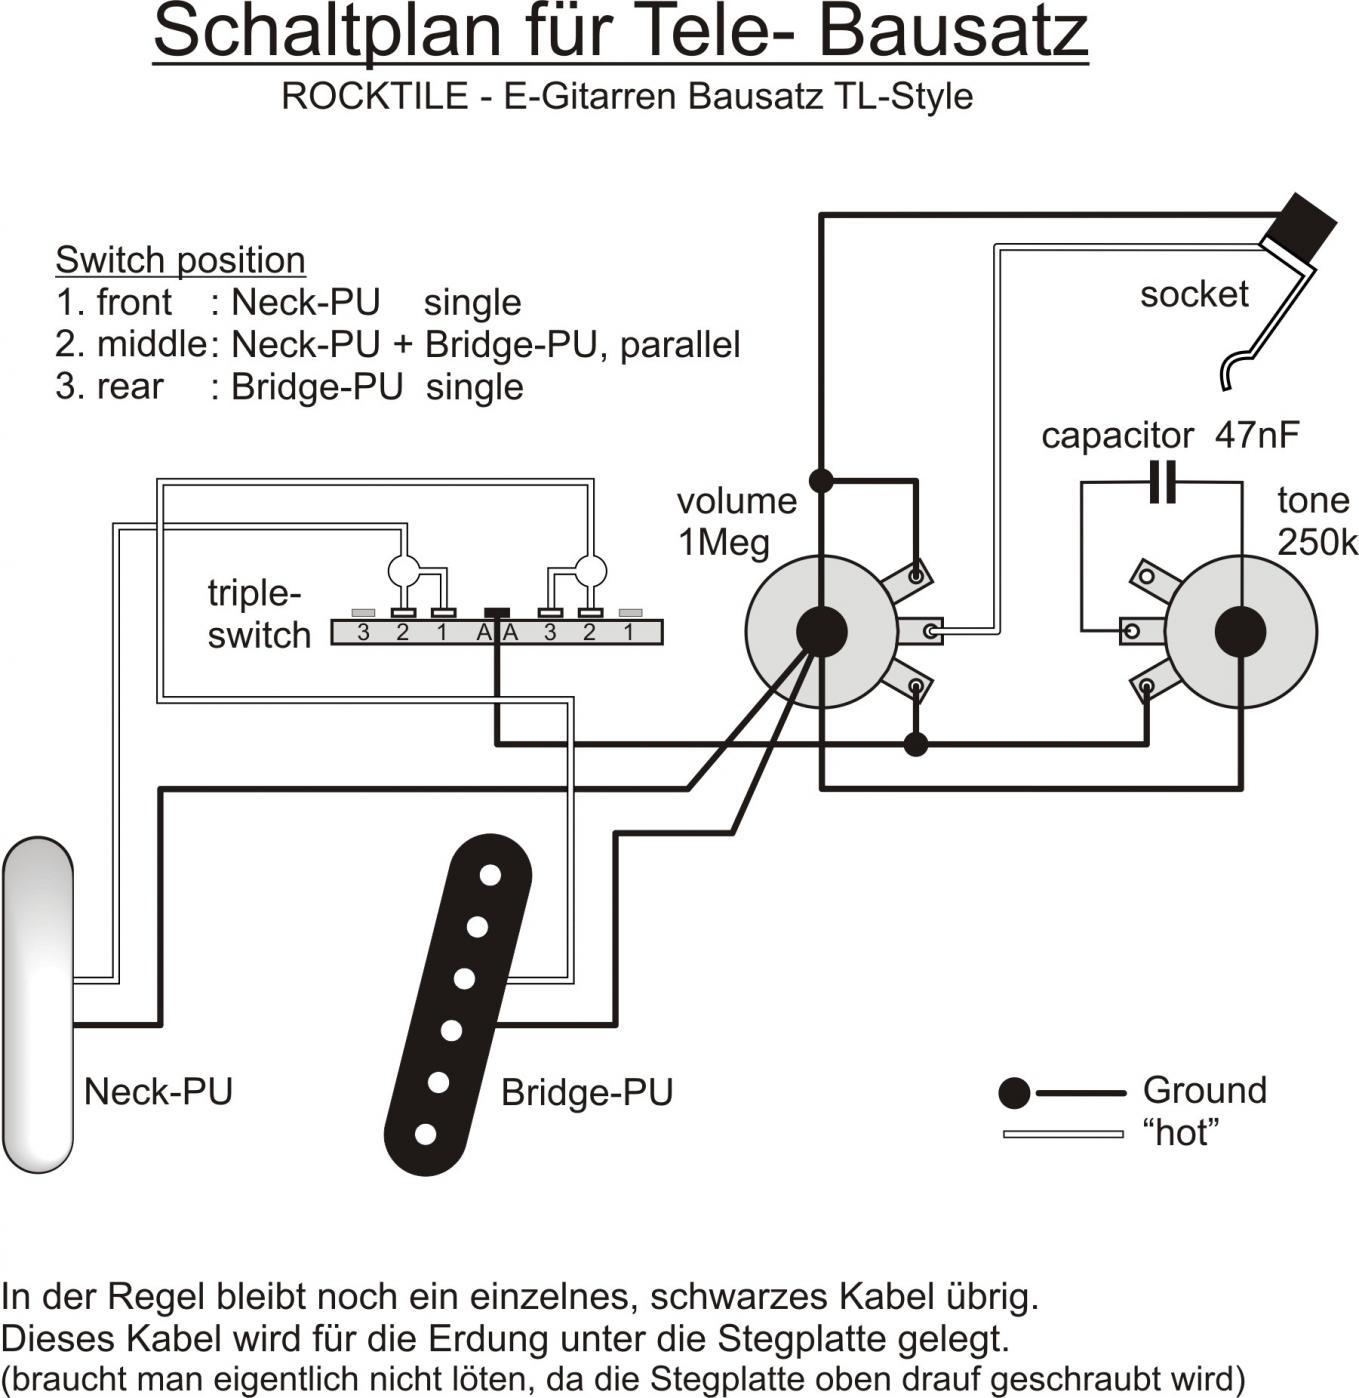 Ausgezeichnet Schaltplan Für Die Gitarrenaufnahme Bilder ...